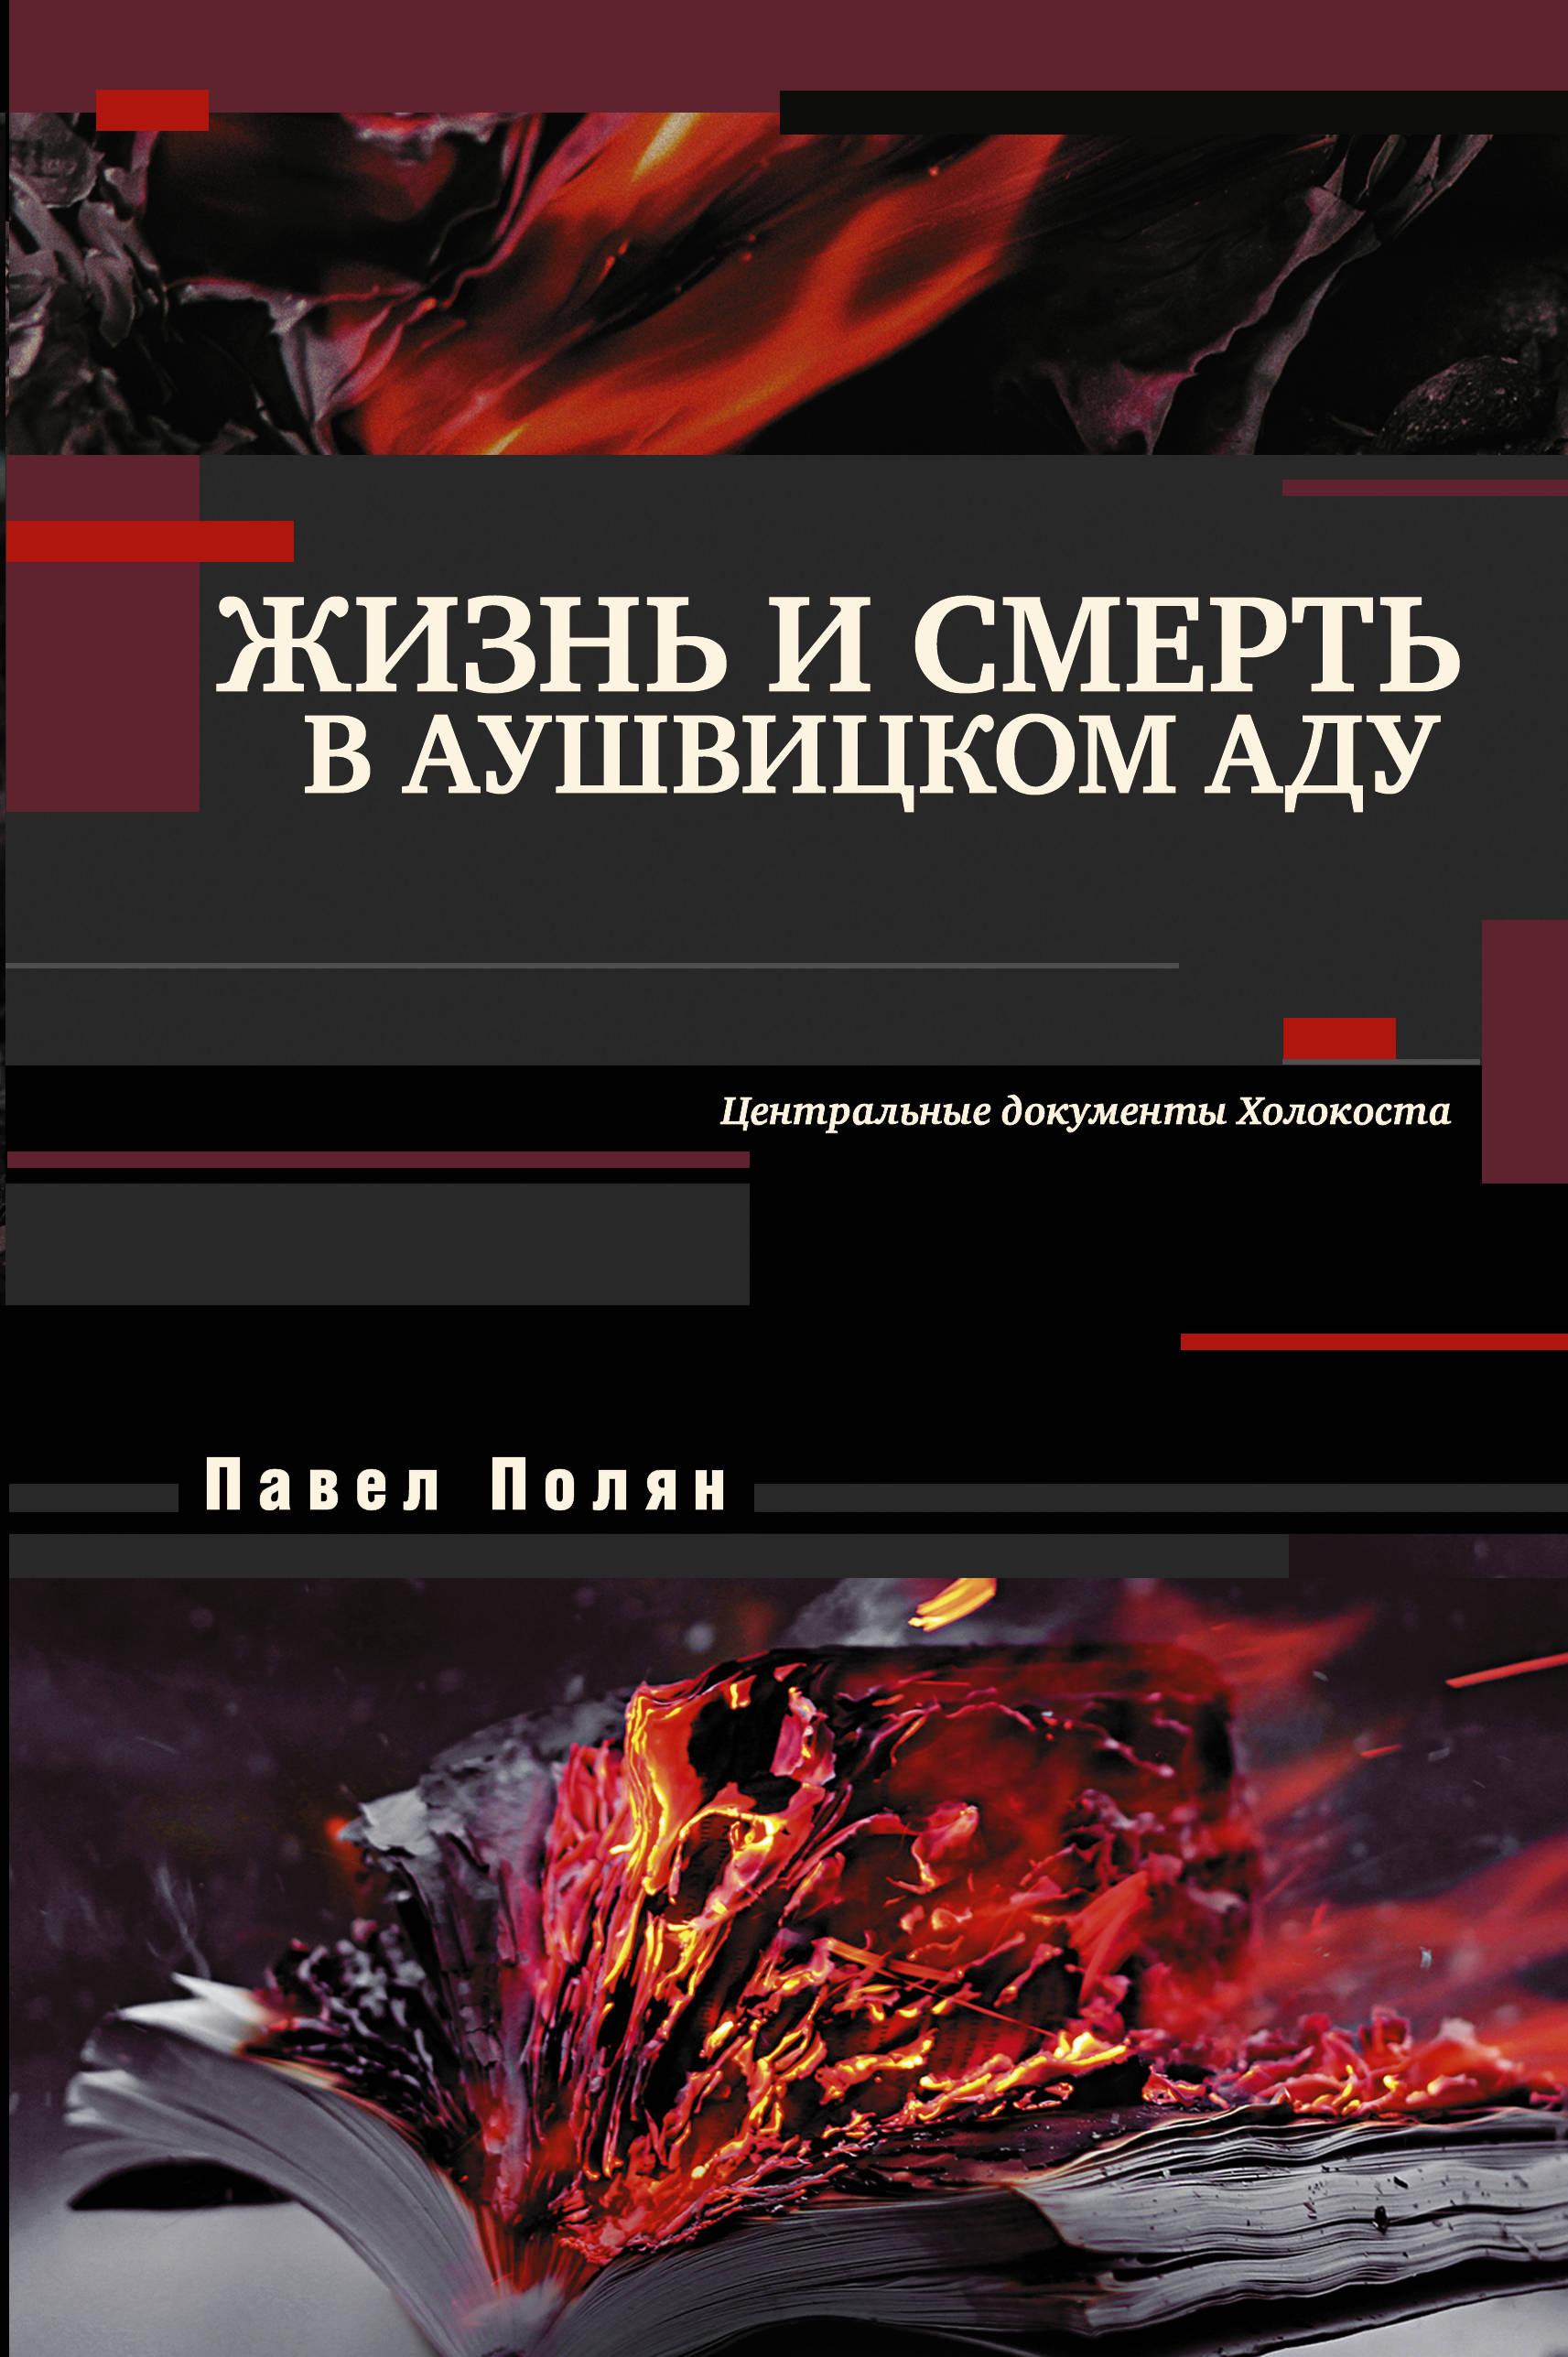 Жизнь и смерть в аушвицком аду. Павел Полян